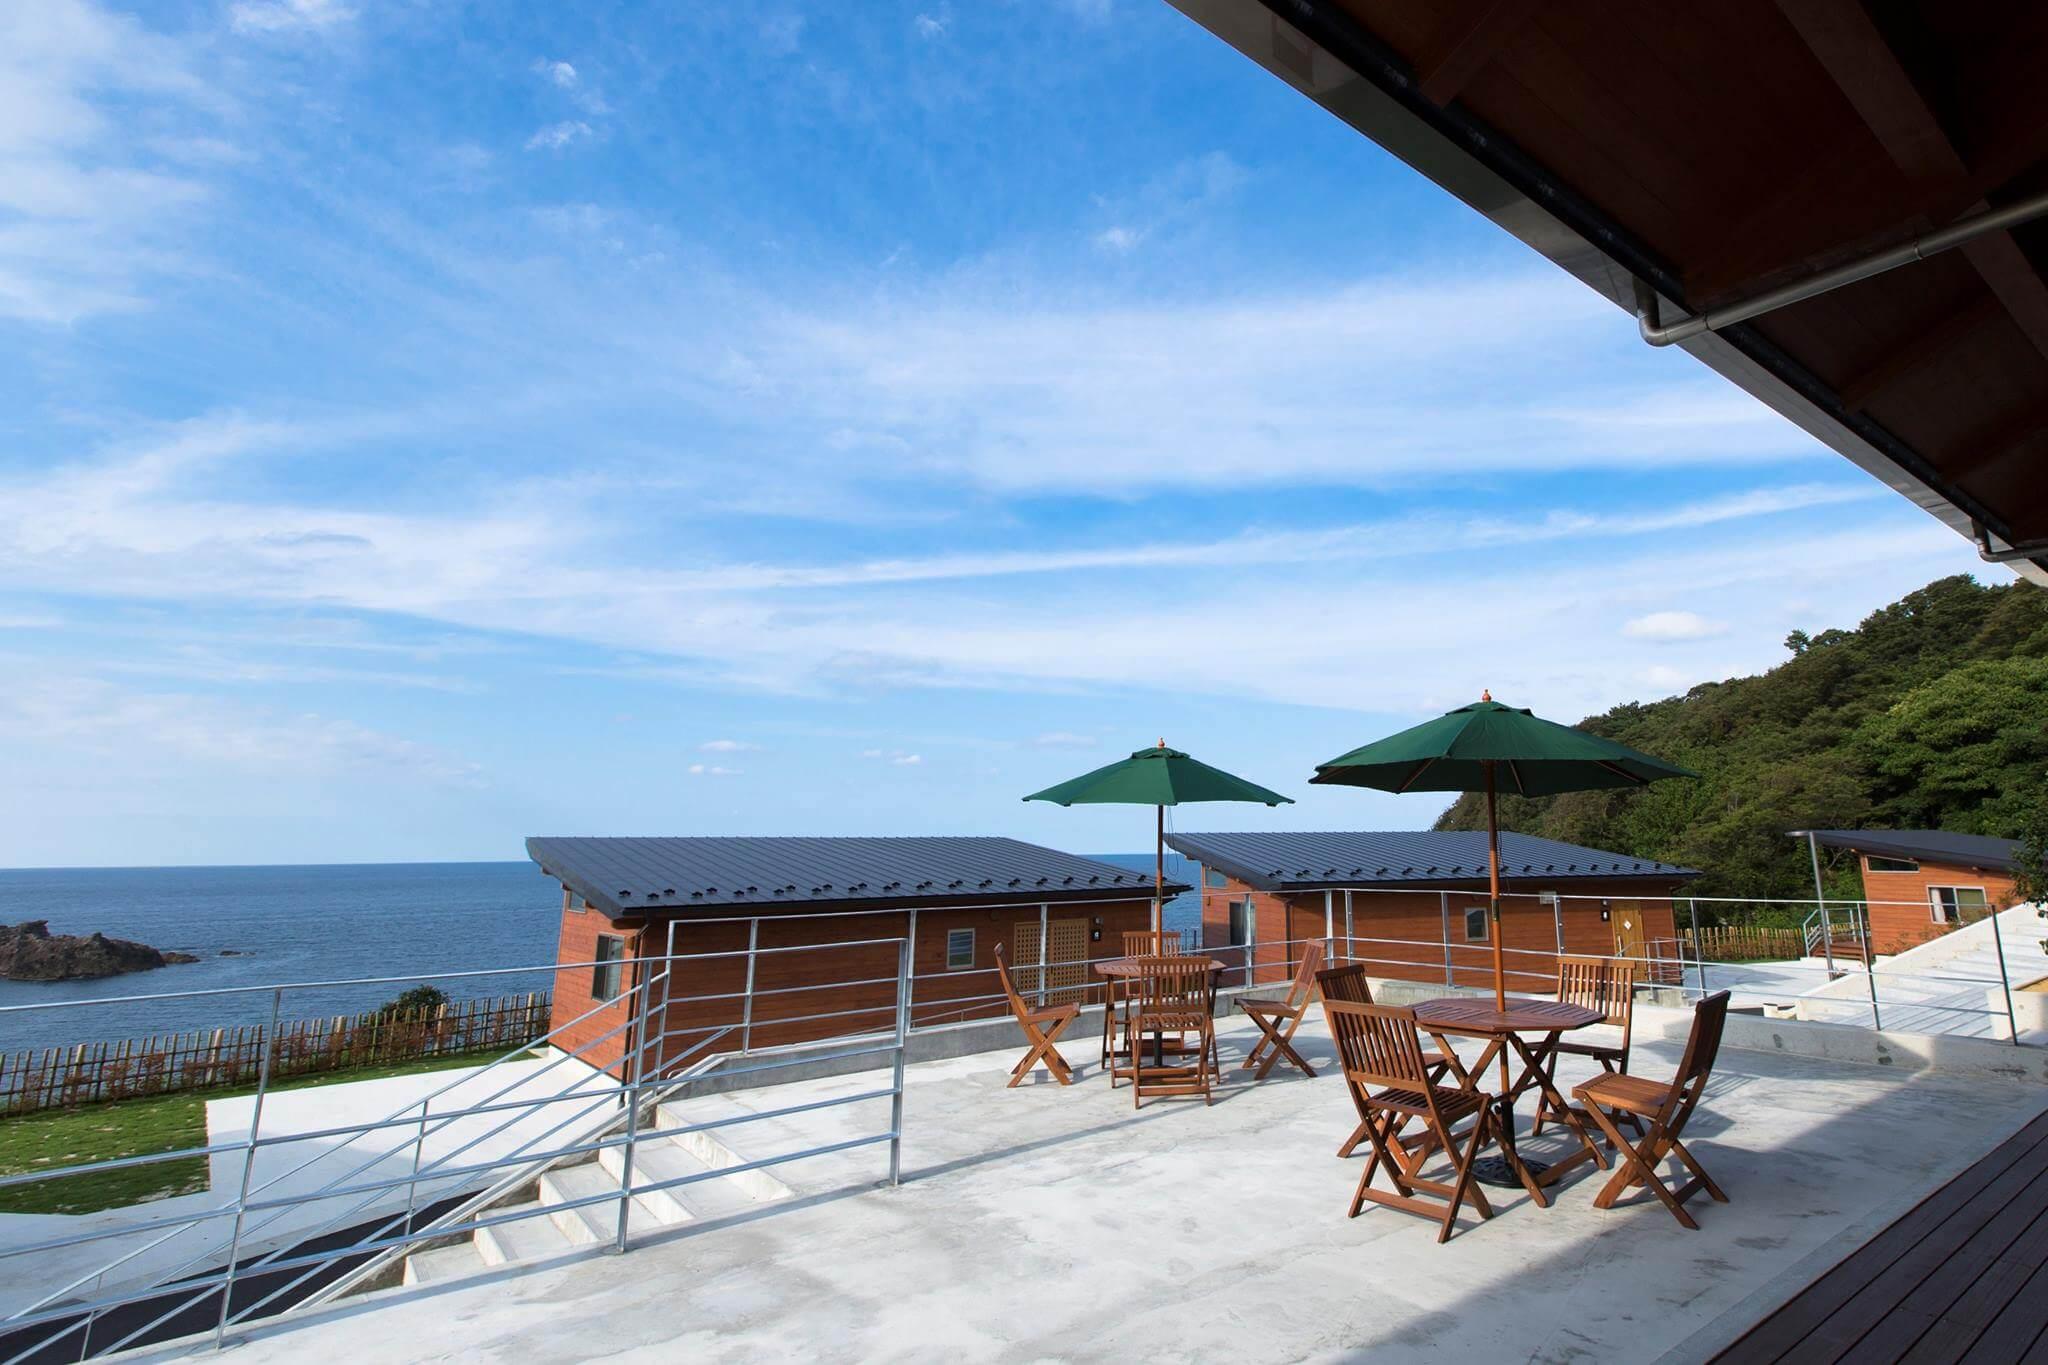 能登半島の最先端・珠洲に土日祝日限定のカフェ『 きのうら食堂 』がOPEN‼